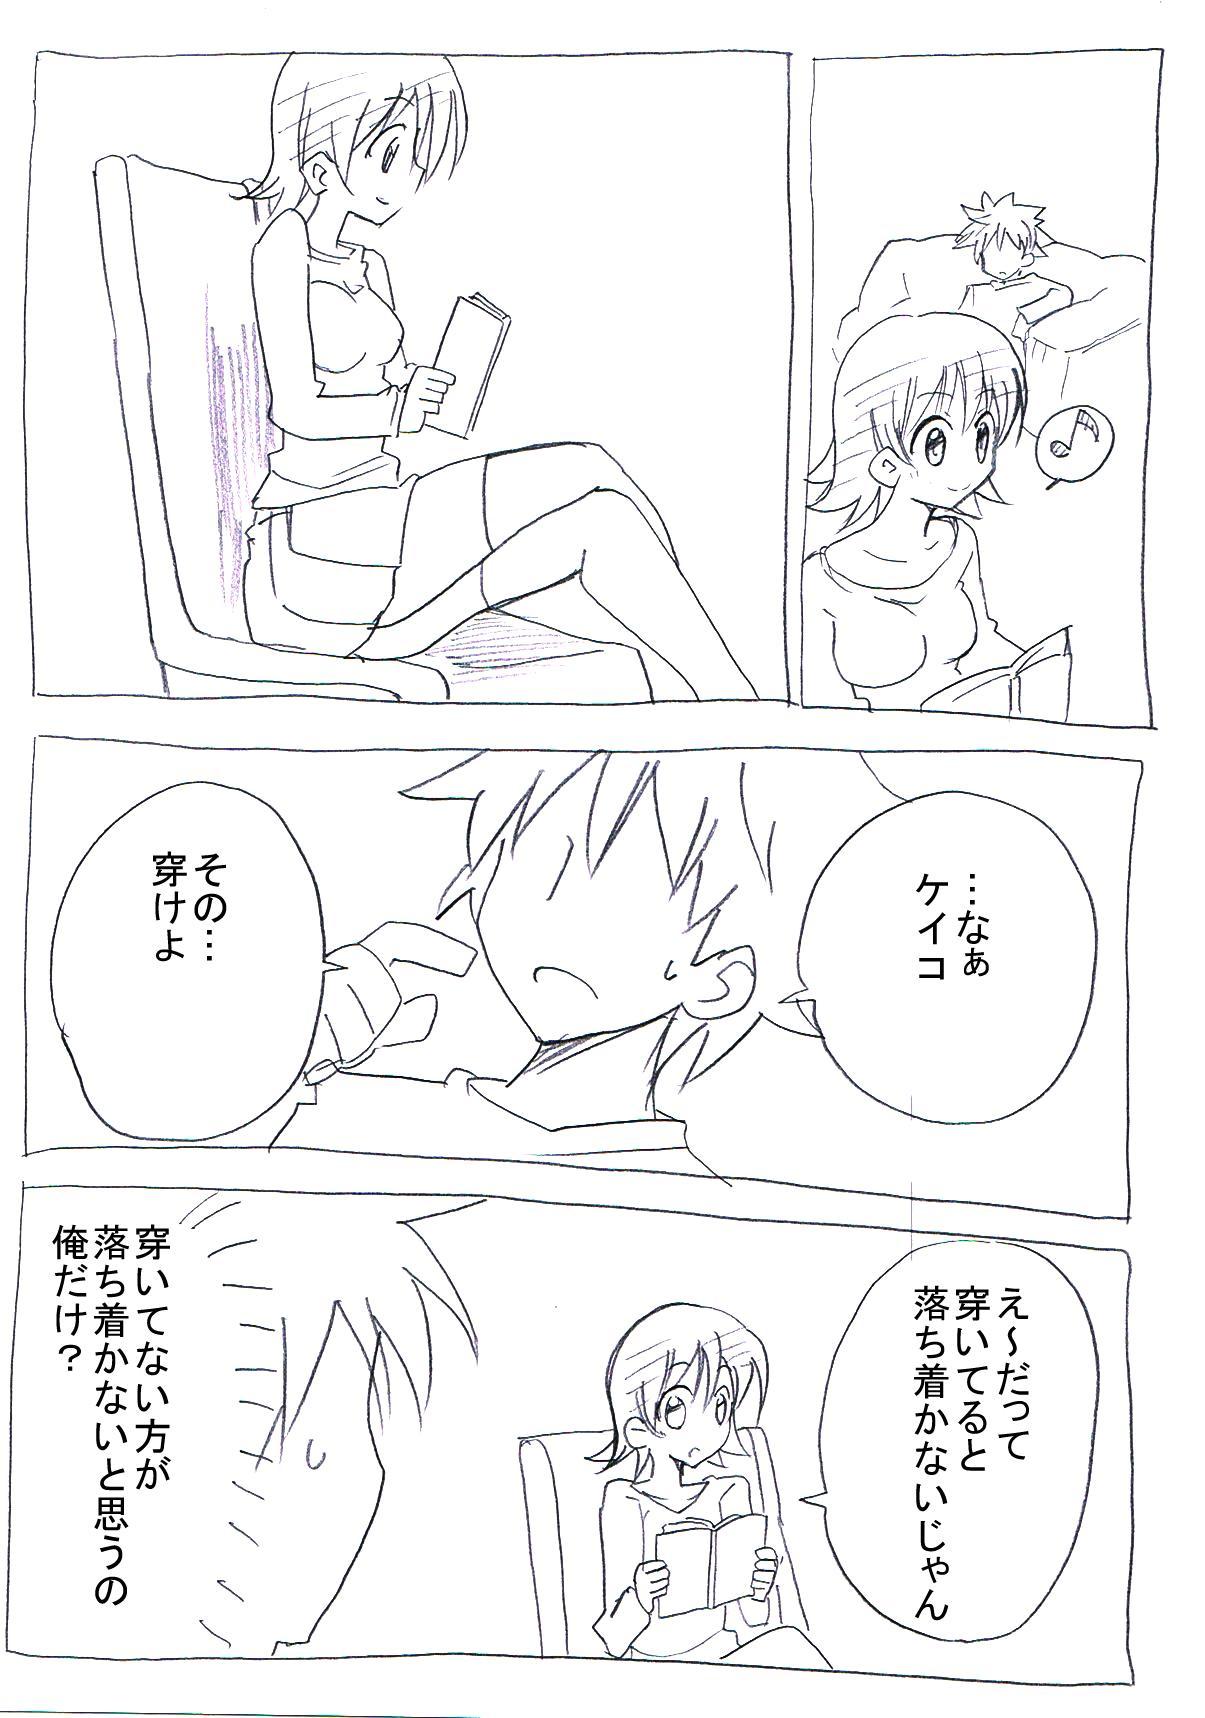 Uchi no Imouto wa Pantsu Haitenai 2